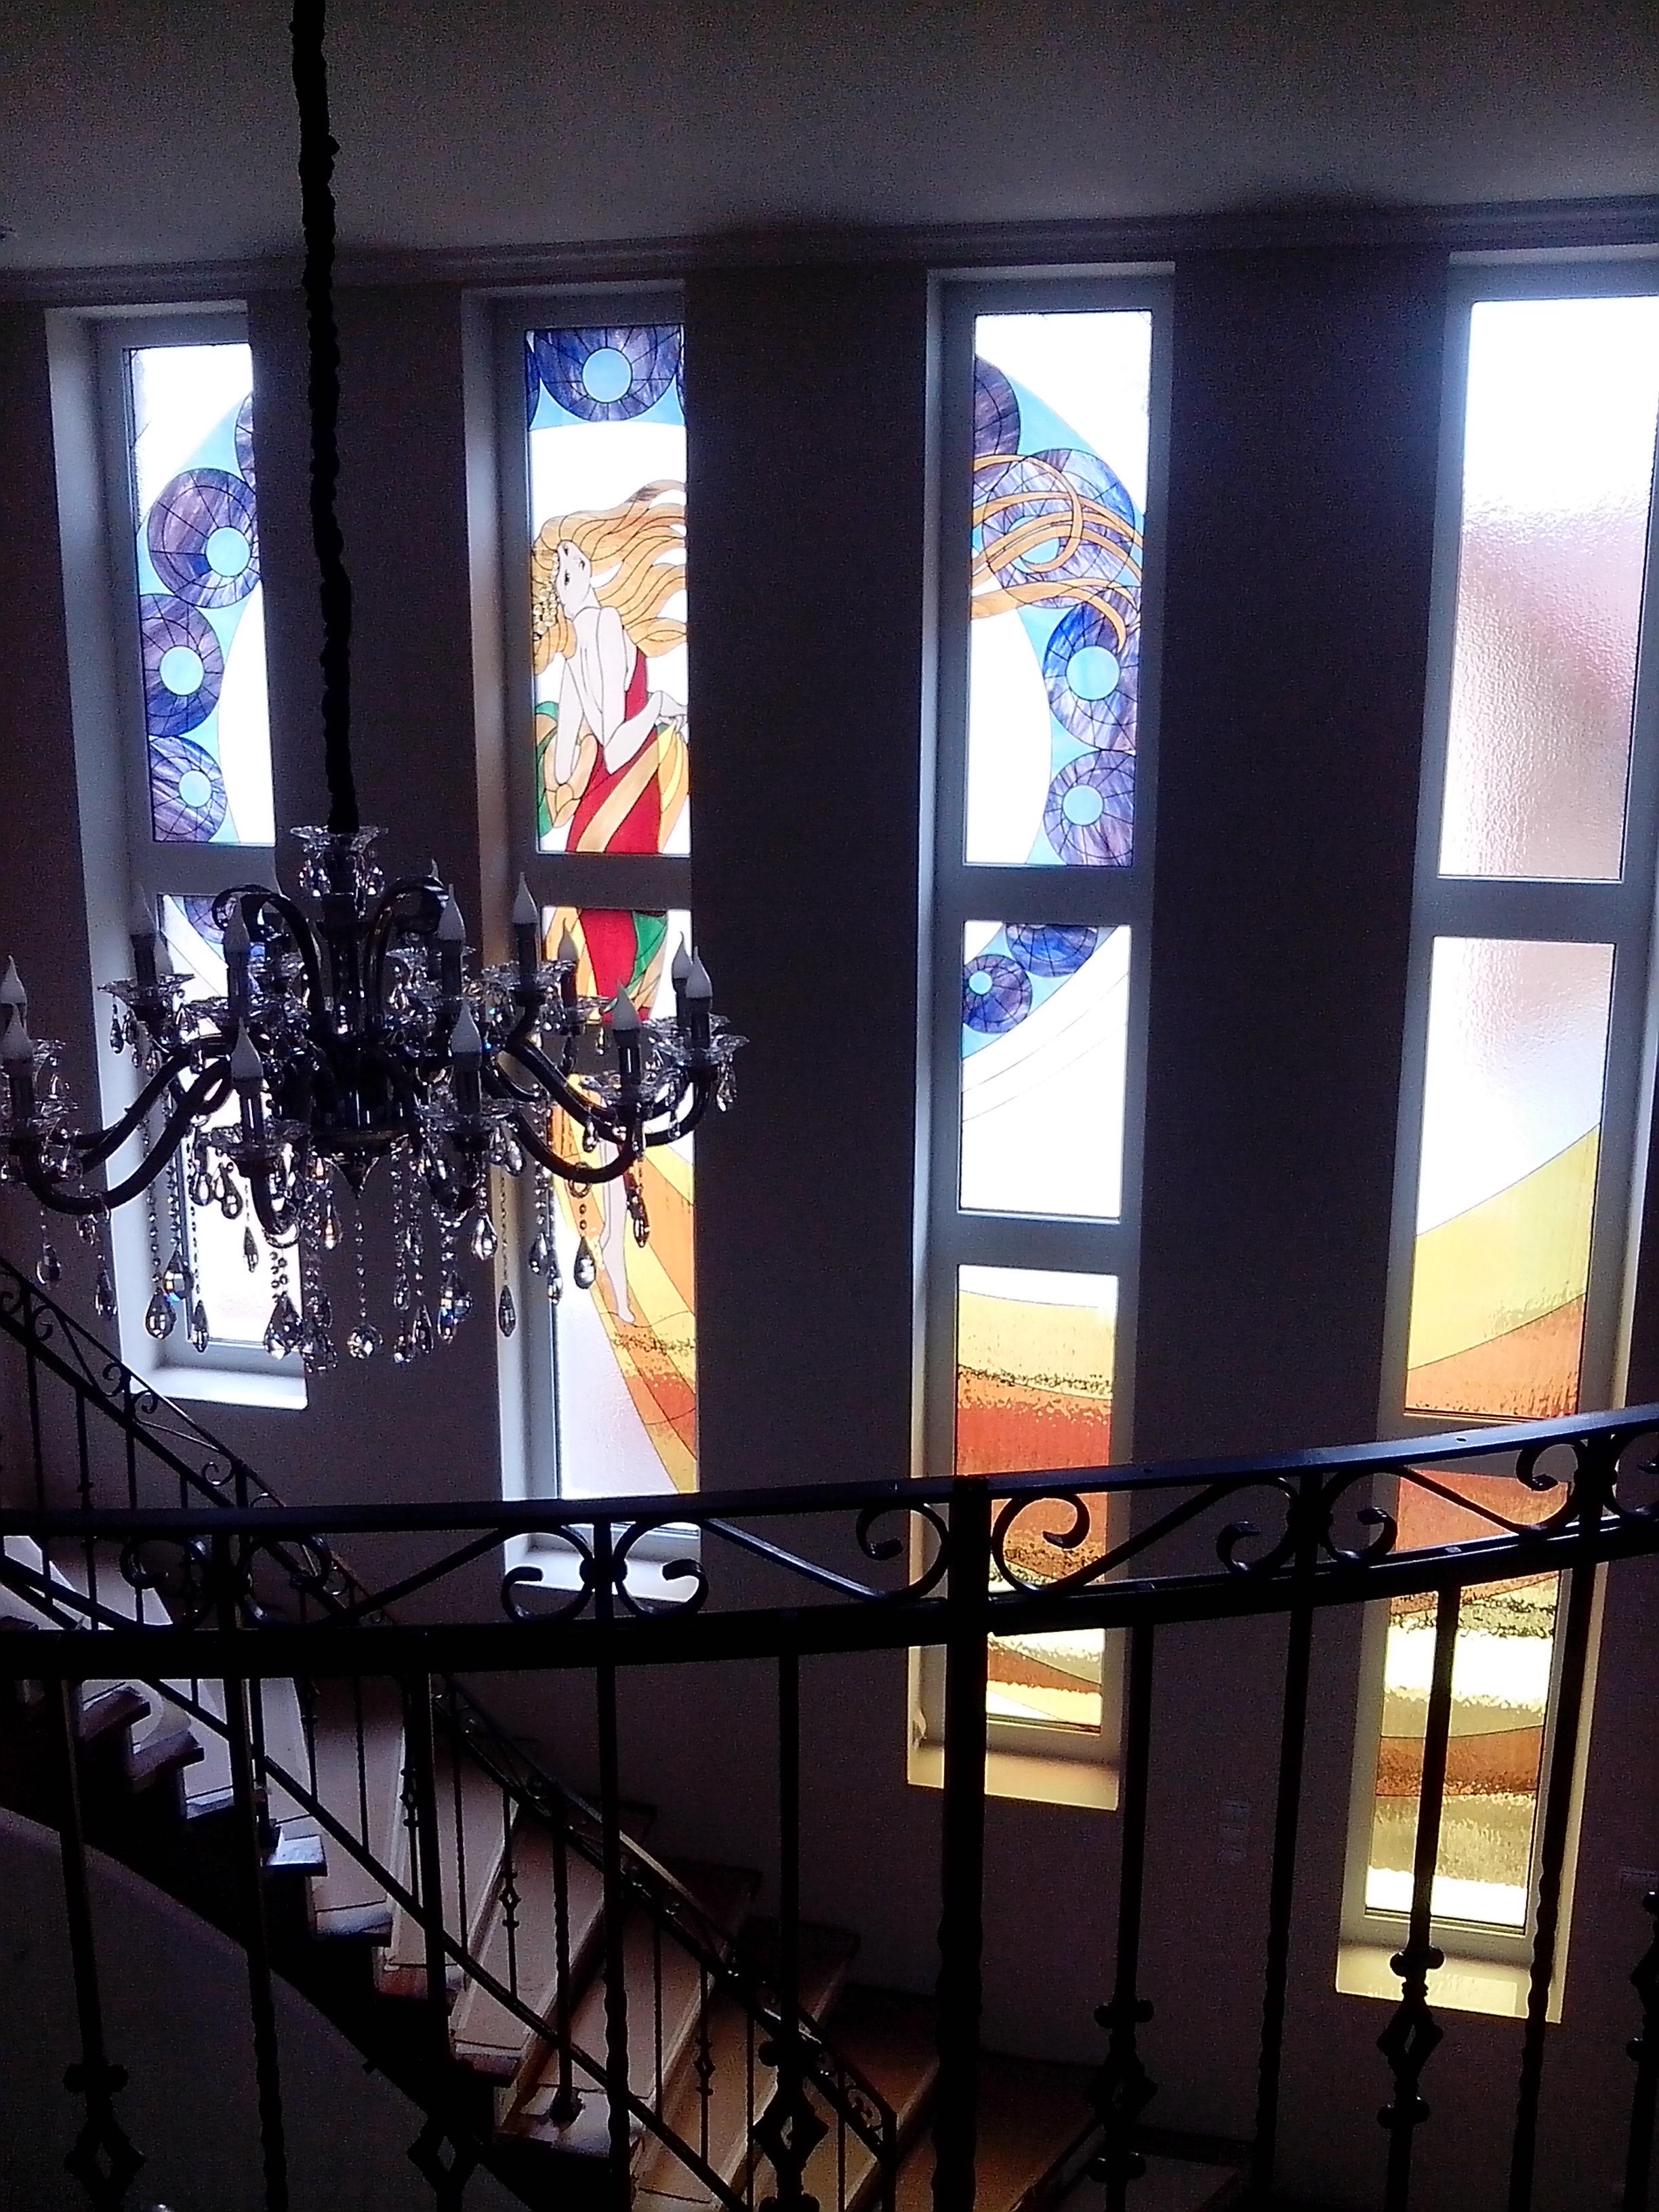 Lépcsőház magánház díszüvege